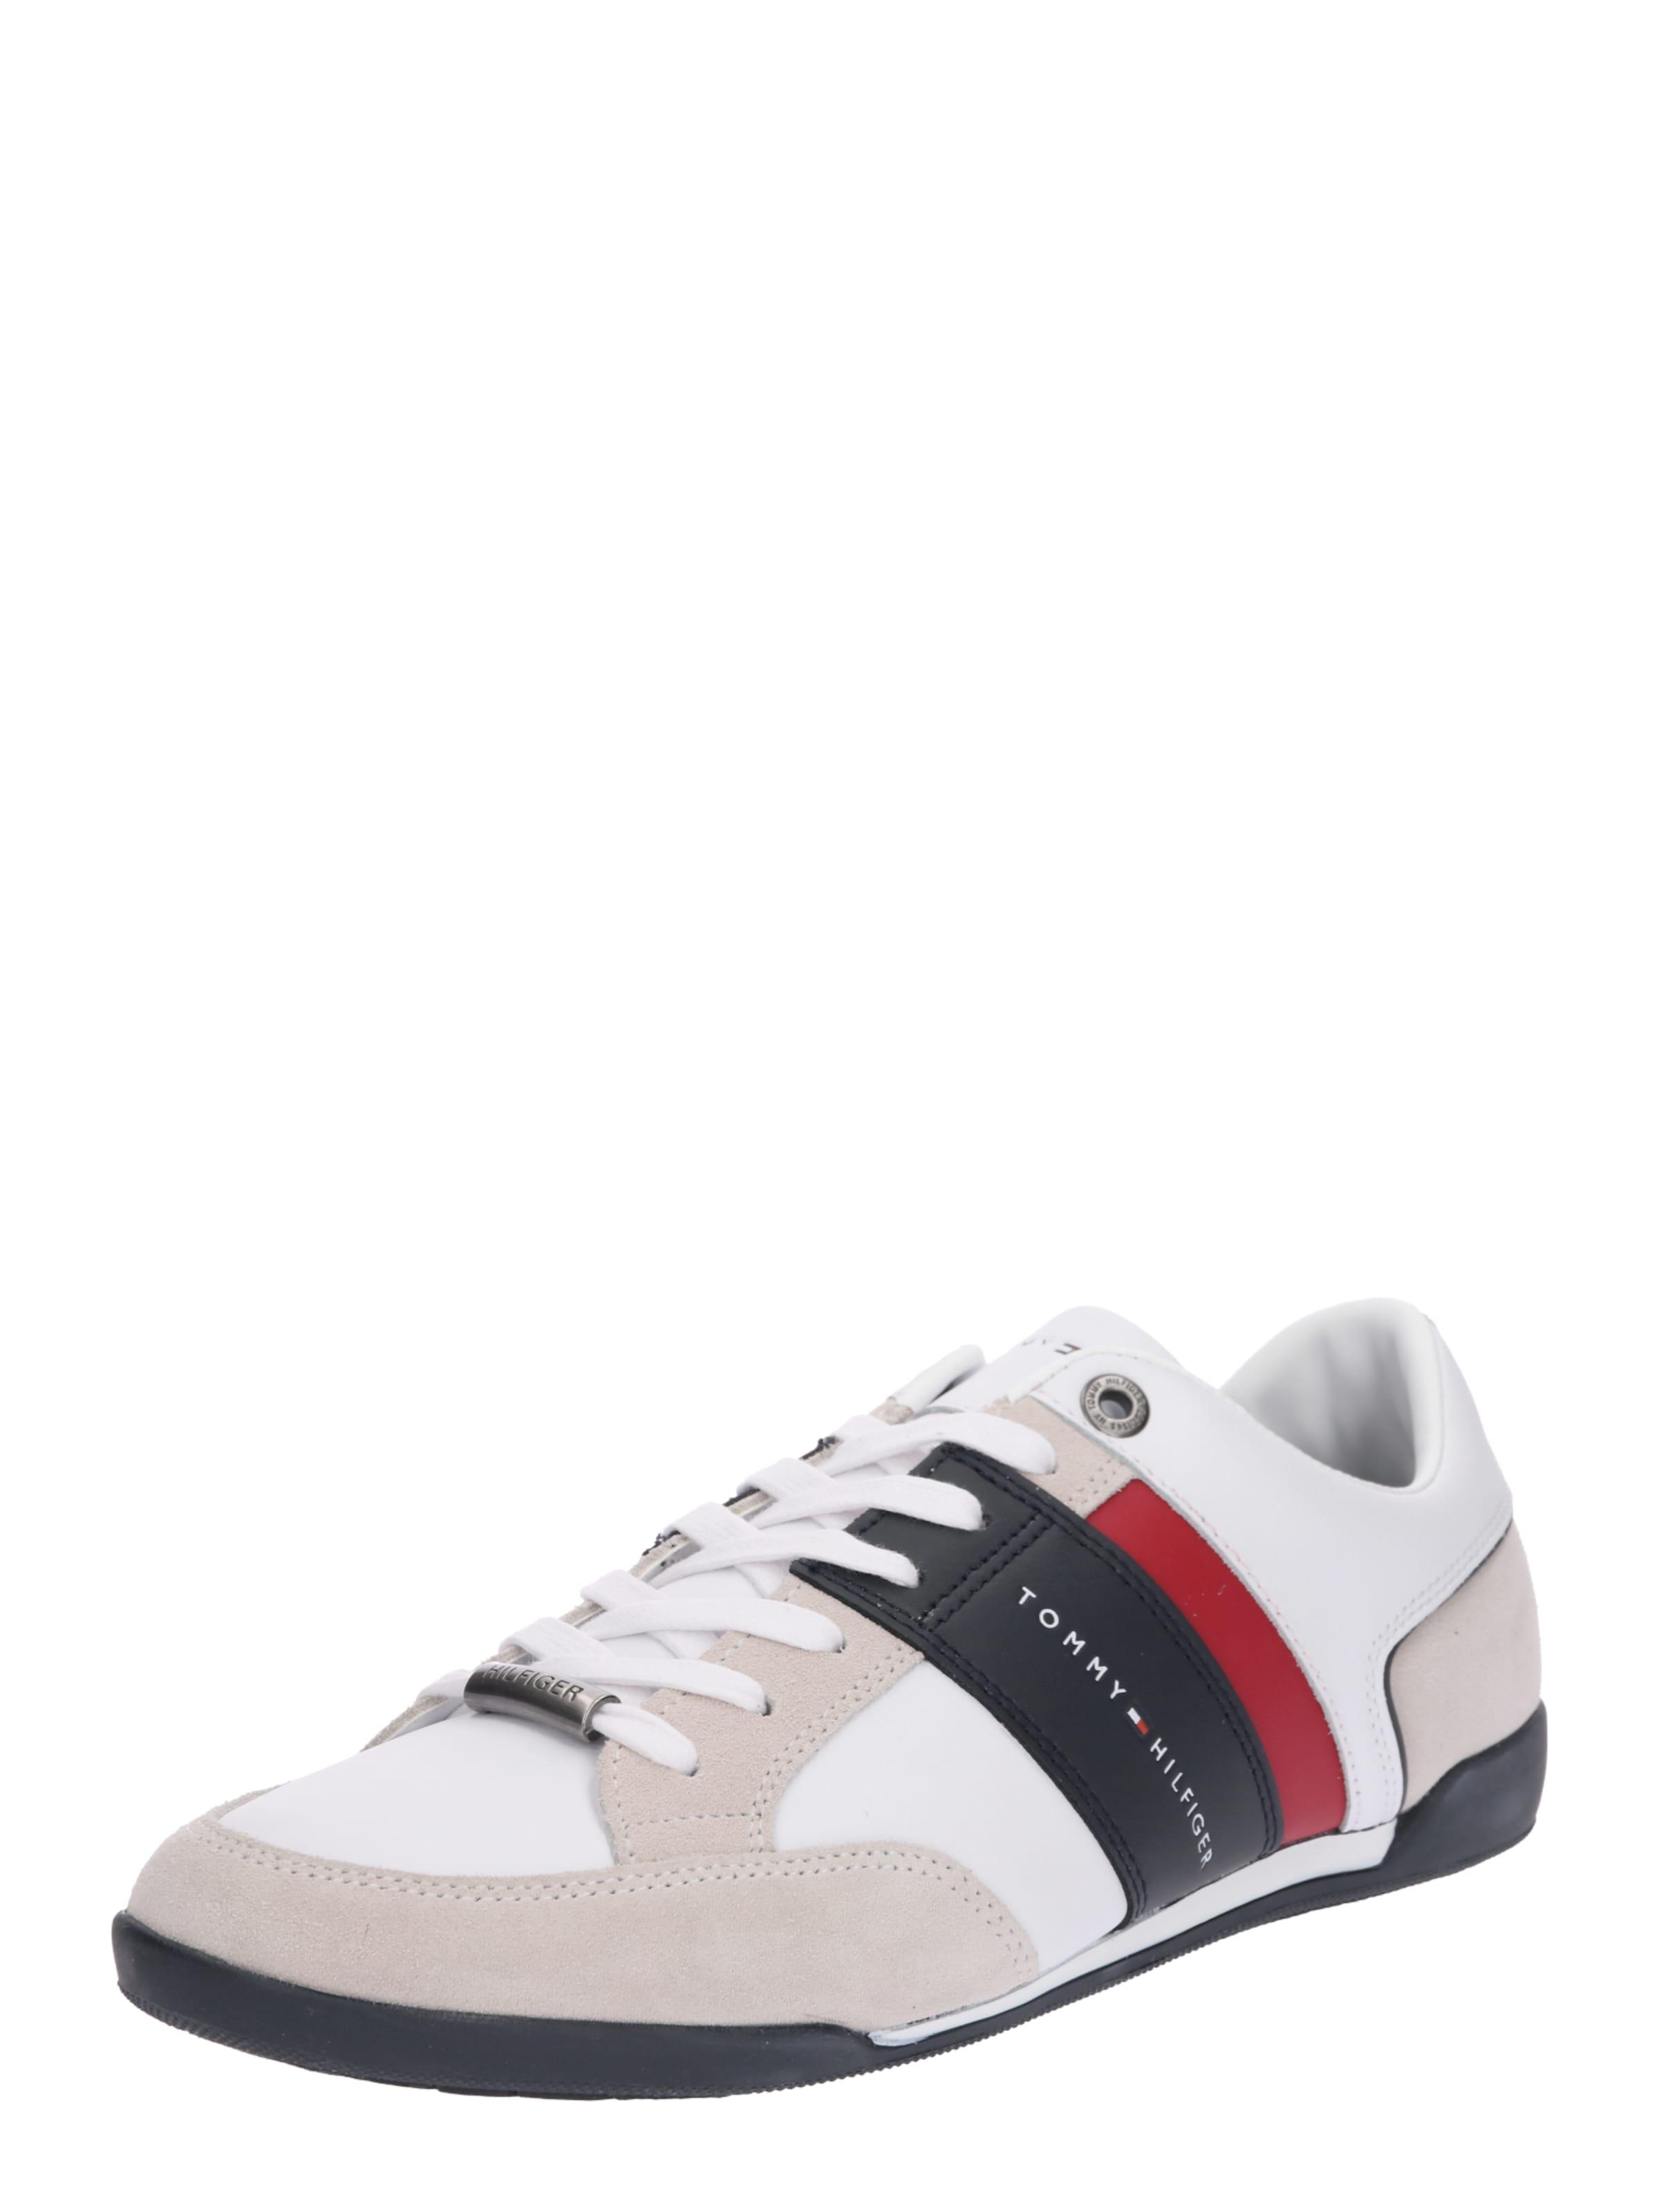 TOMMY HILFIGER Sneaker Low Verschleißfeste billige Schuhe